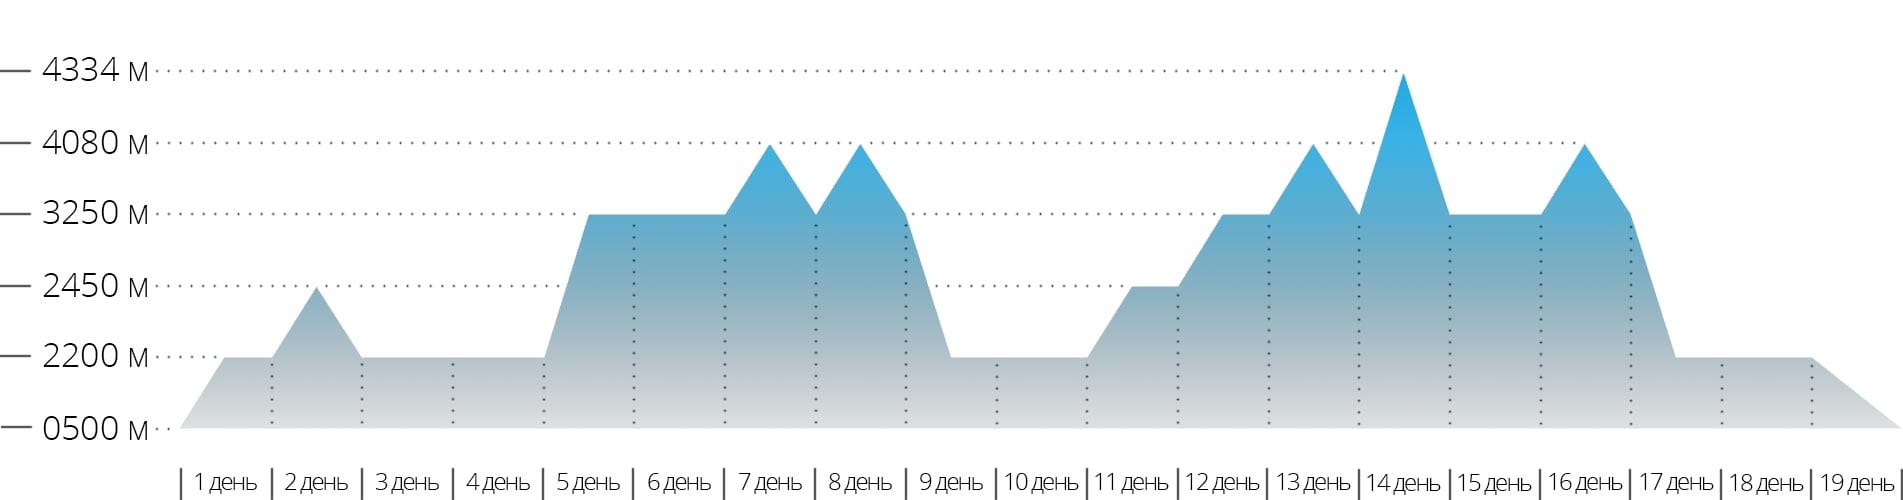 График с высотами для учебно-тренировочных сборов в Безенги